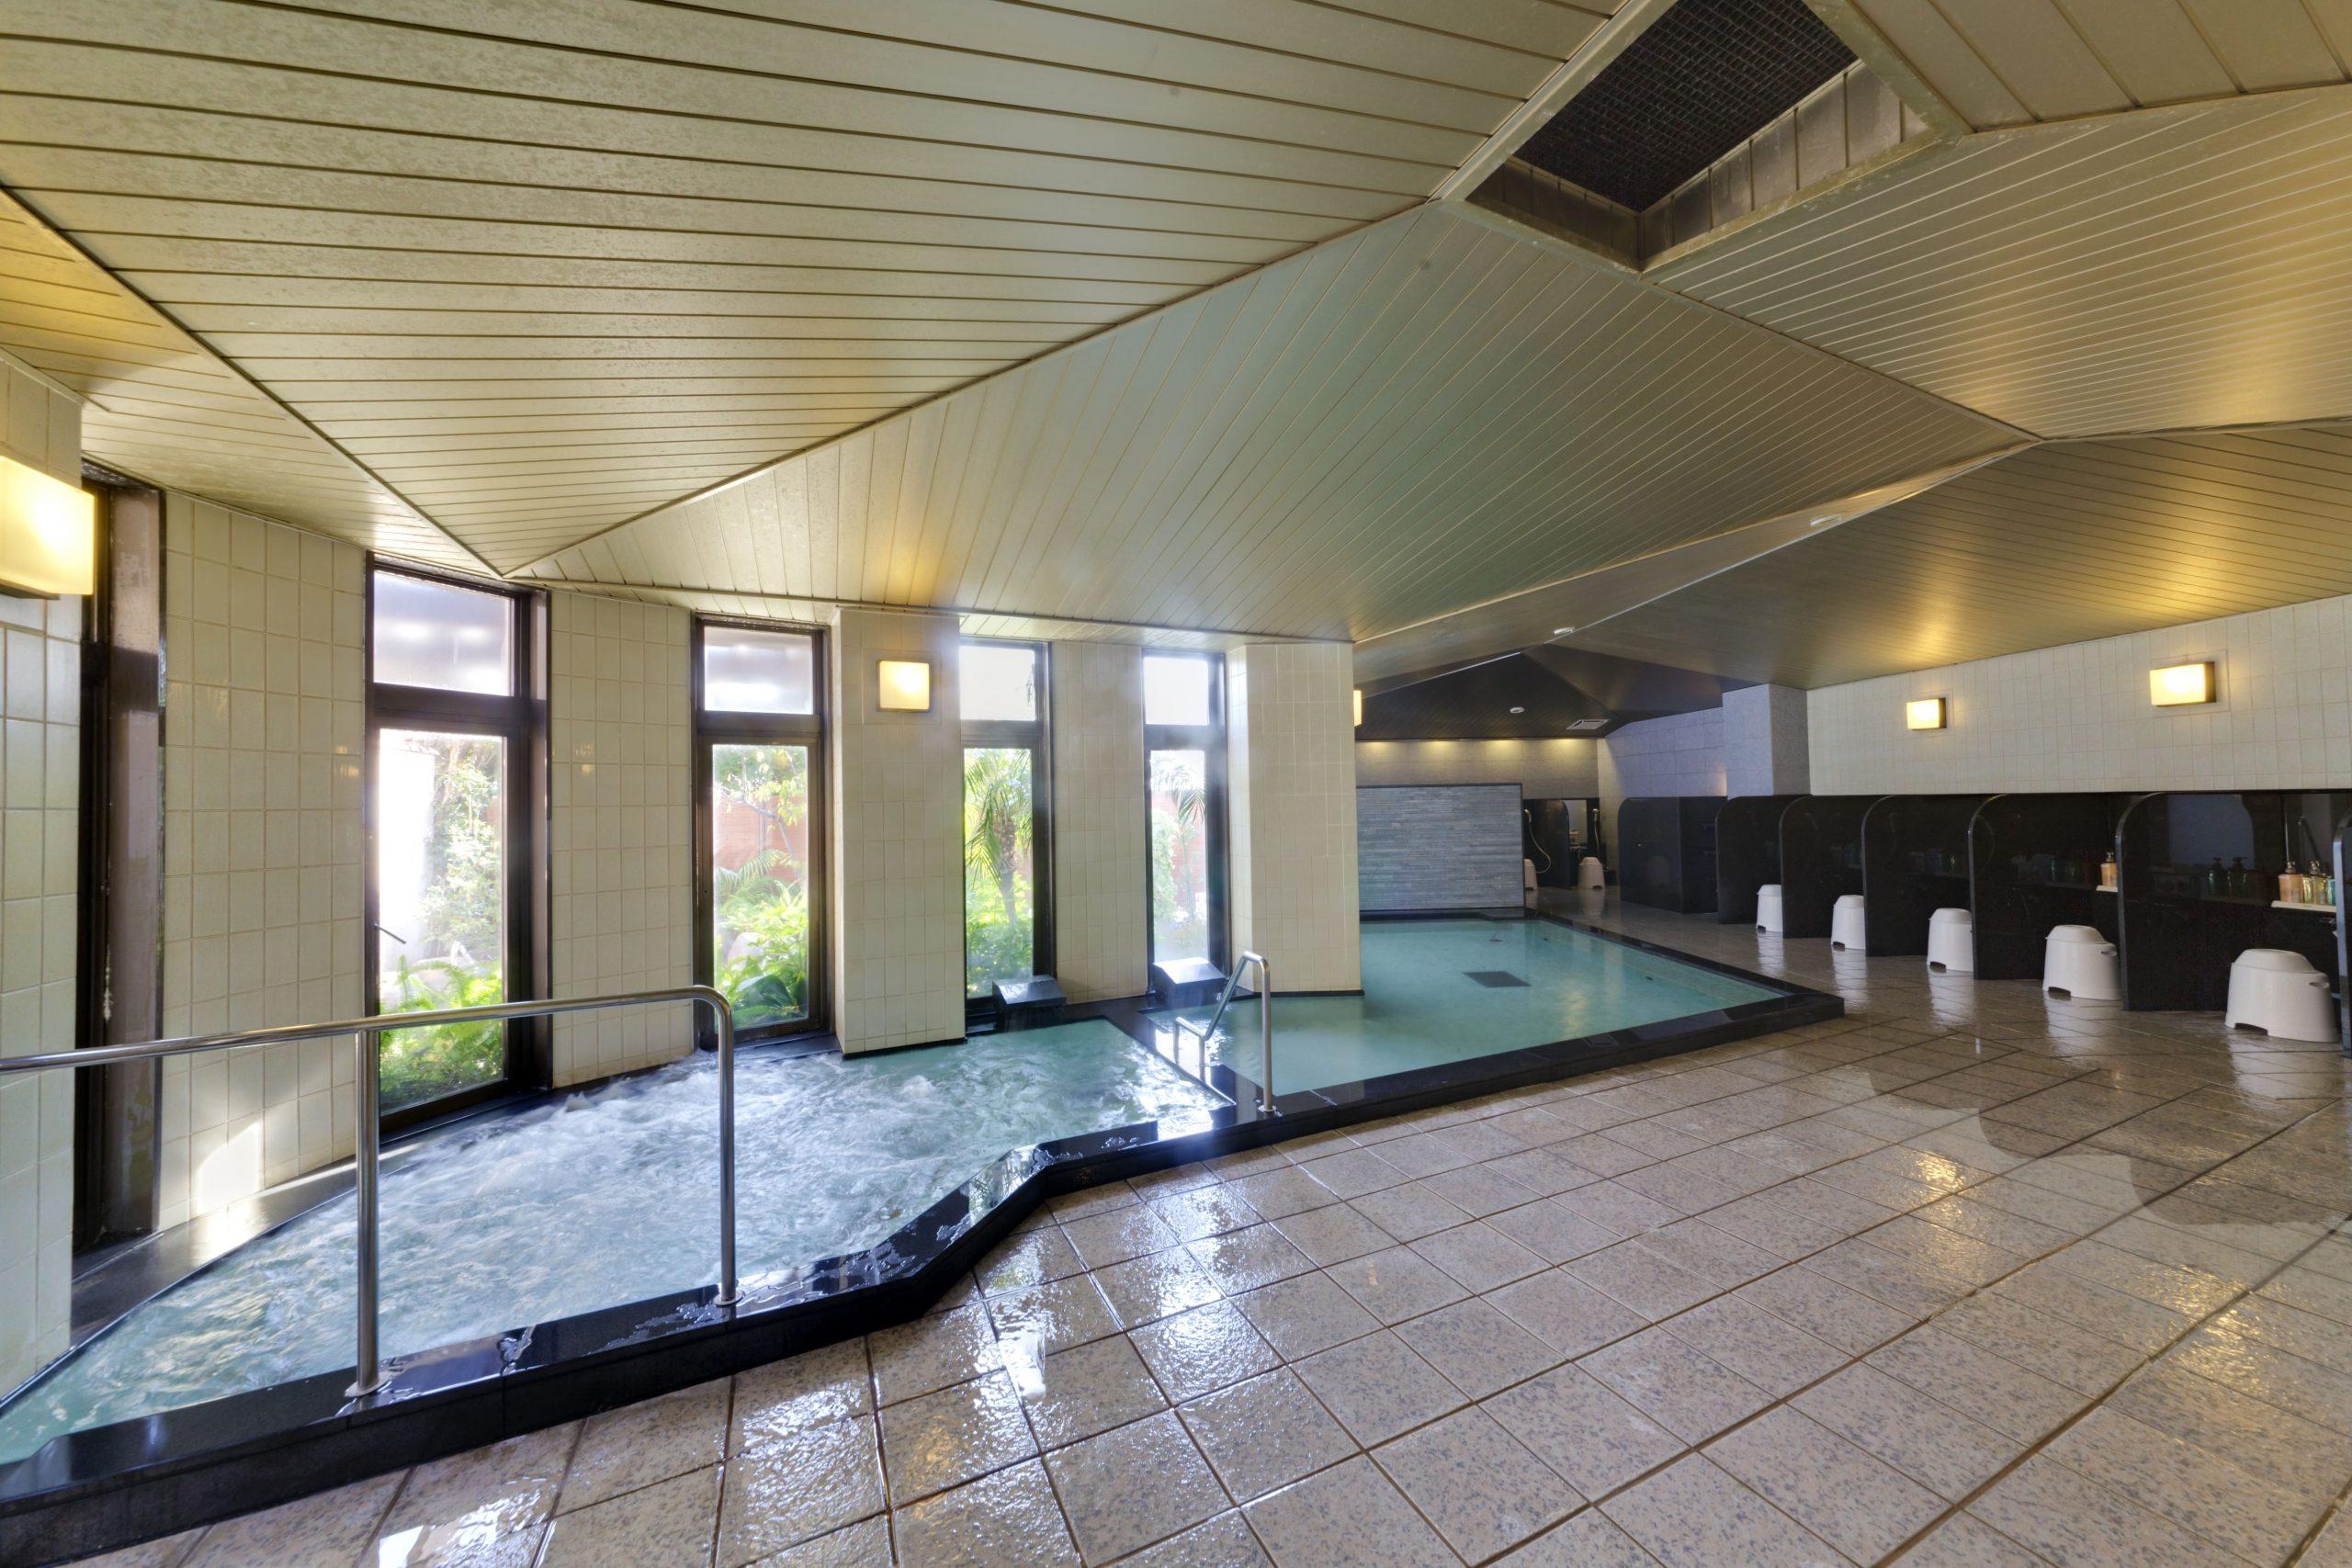 内風呂イメージ 当ホテルの温泉は関節痛/神経痛/慢性消化器病への効能も期待できます